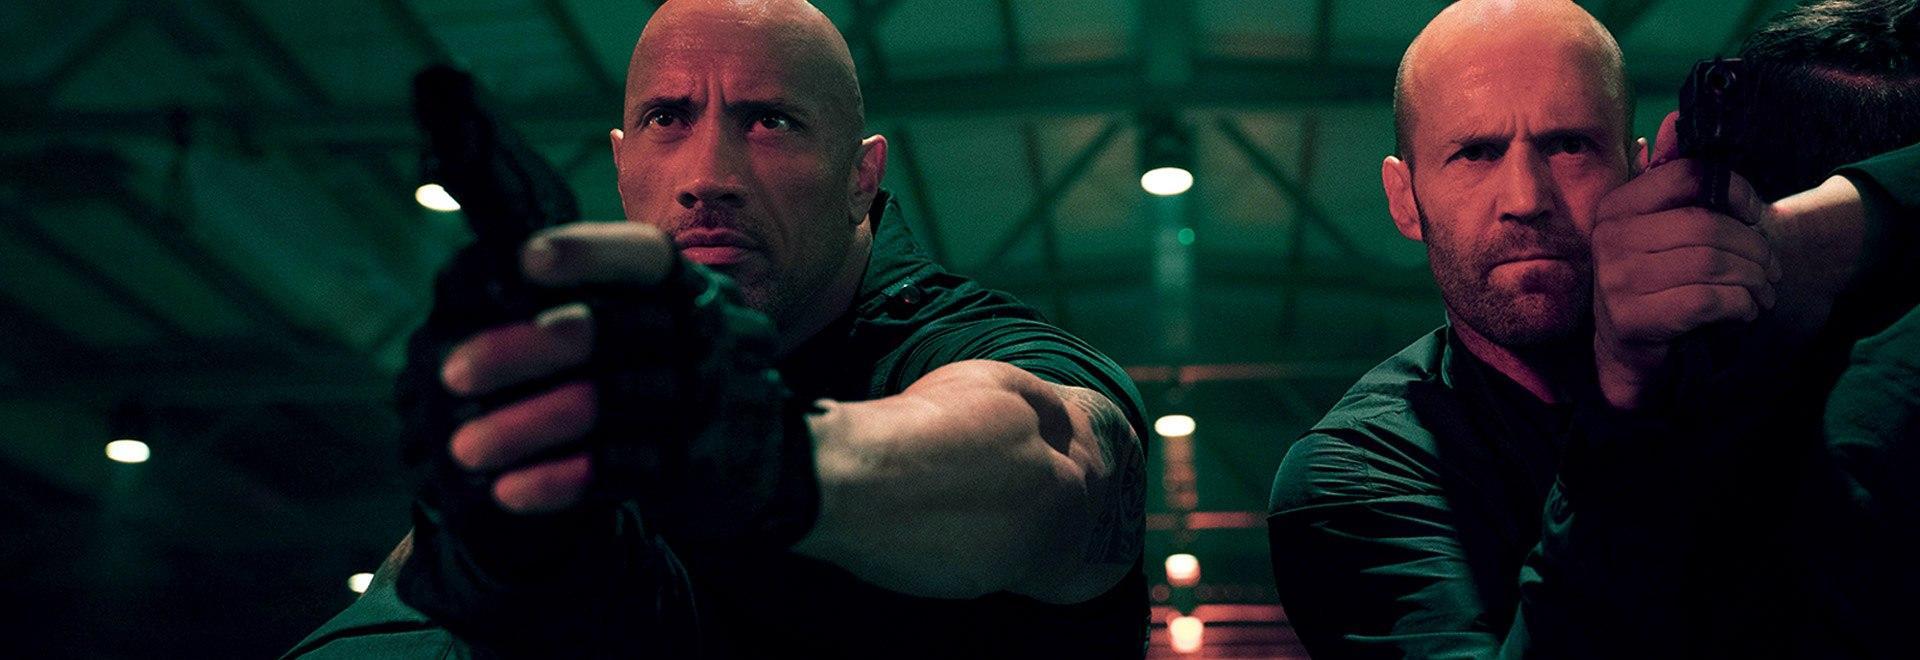 Jason Statham vs Dwayne Johnson